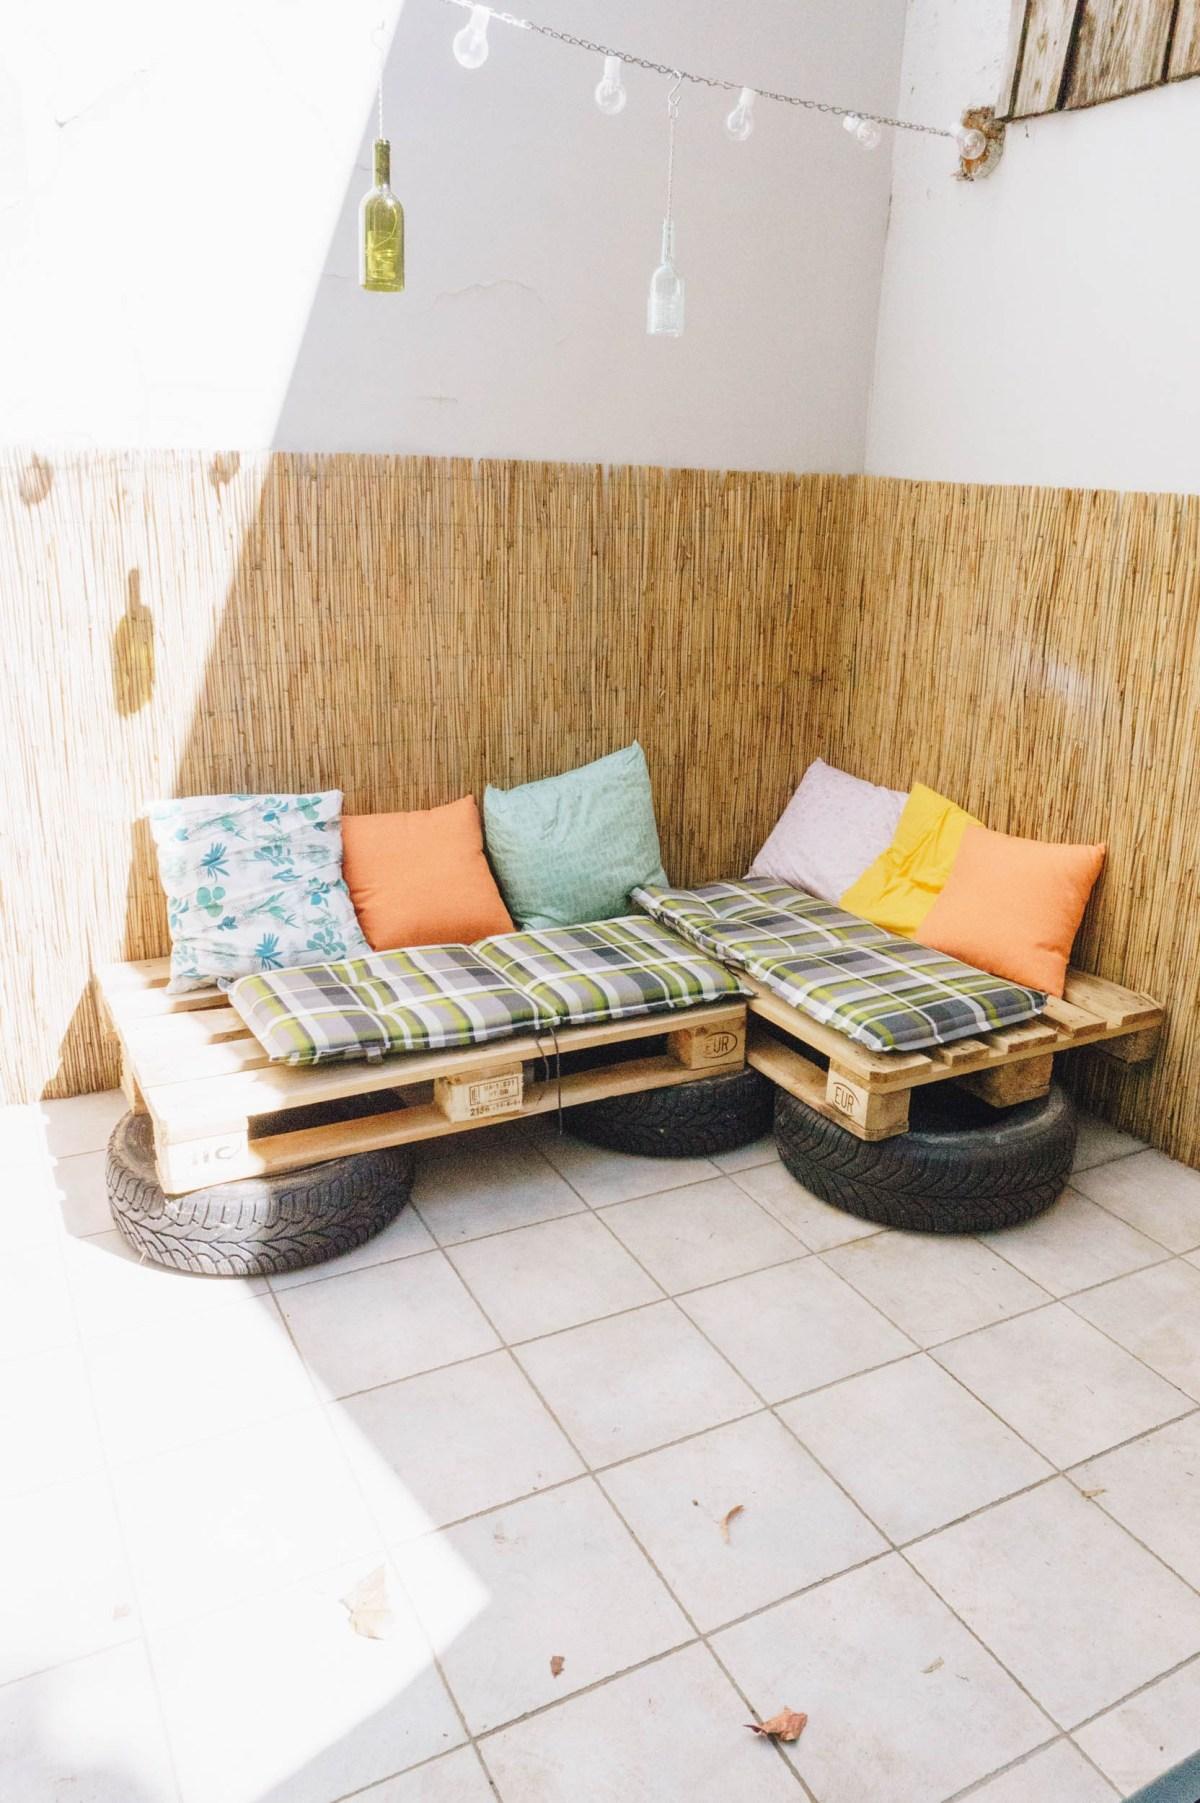 Full Size of Couch Terrasse Balkon So Baust Du Eine Aus Europaletten Und Wohnzimmer Couch Terrasse